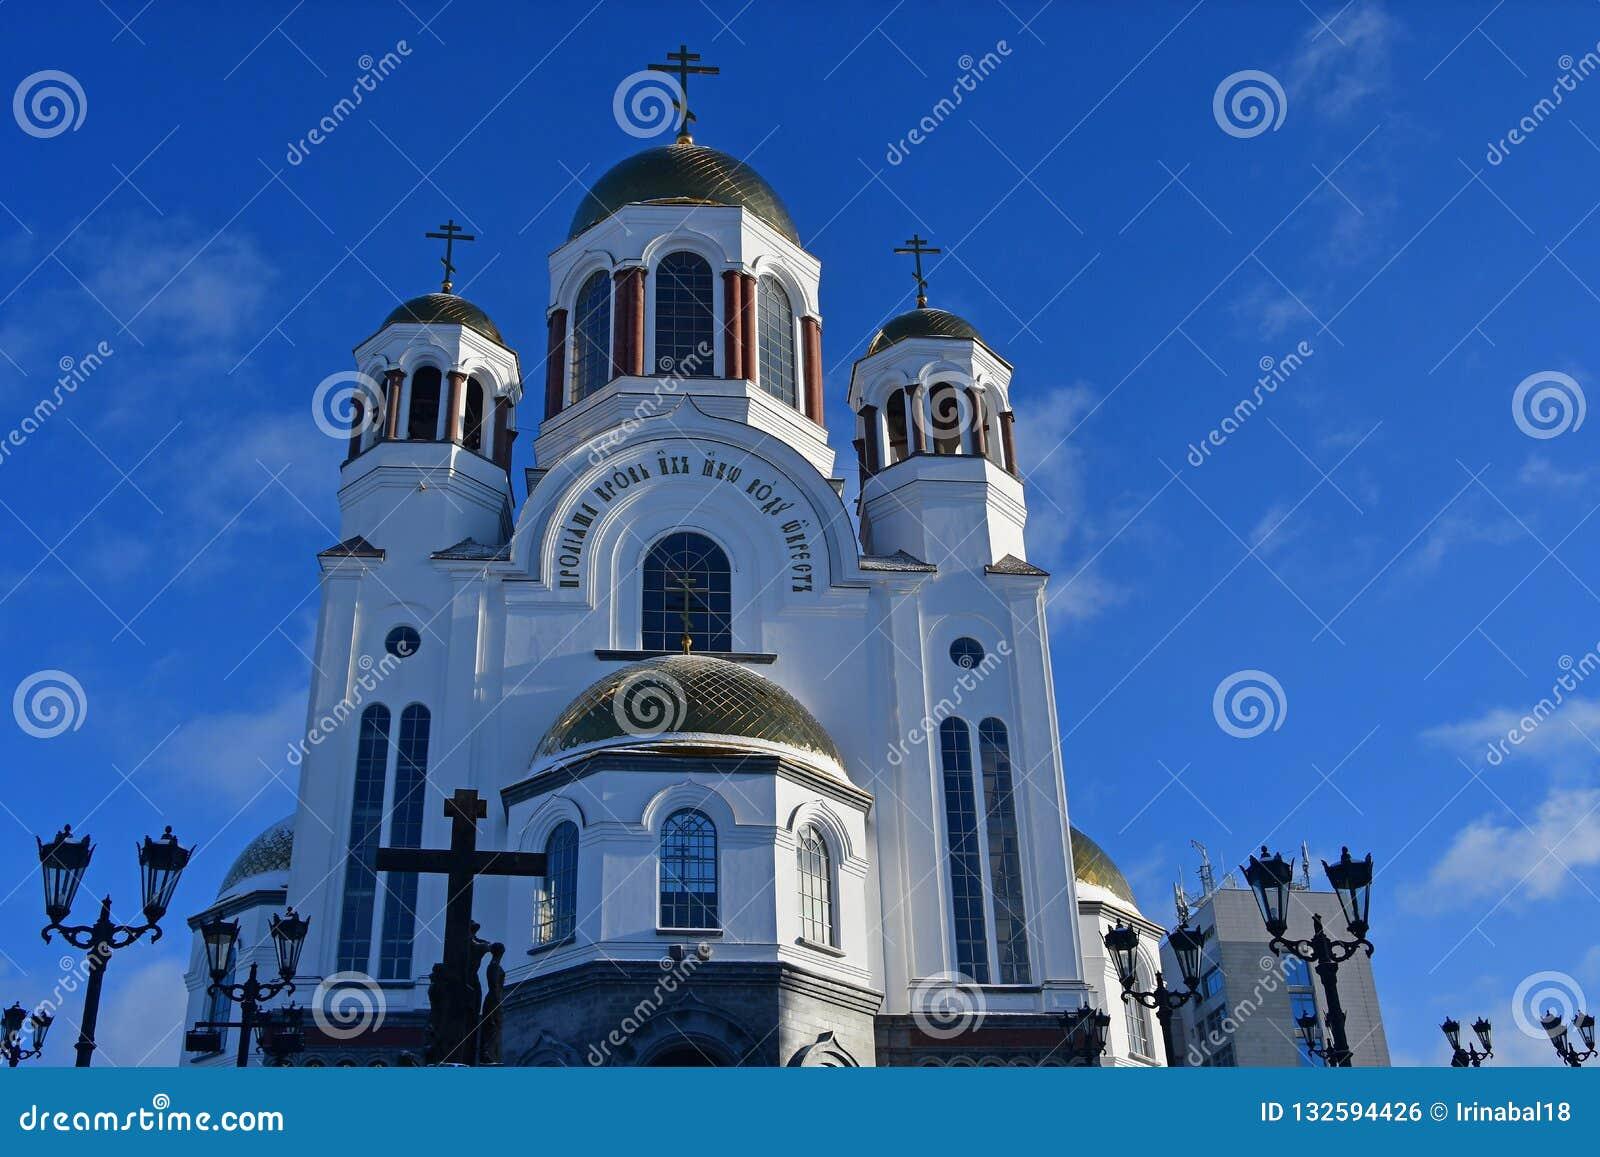 Kirche auf Blut zu Ehren aller Heiligen Resplendent im russischen Land yekaterinburg Russland